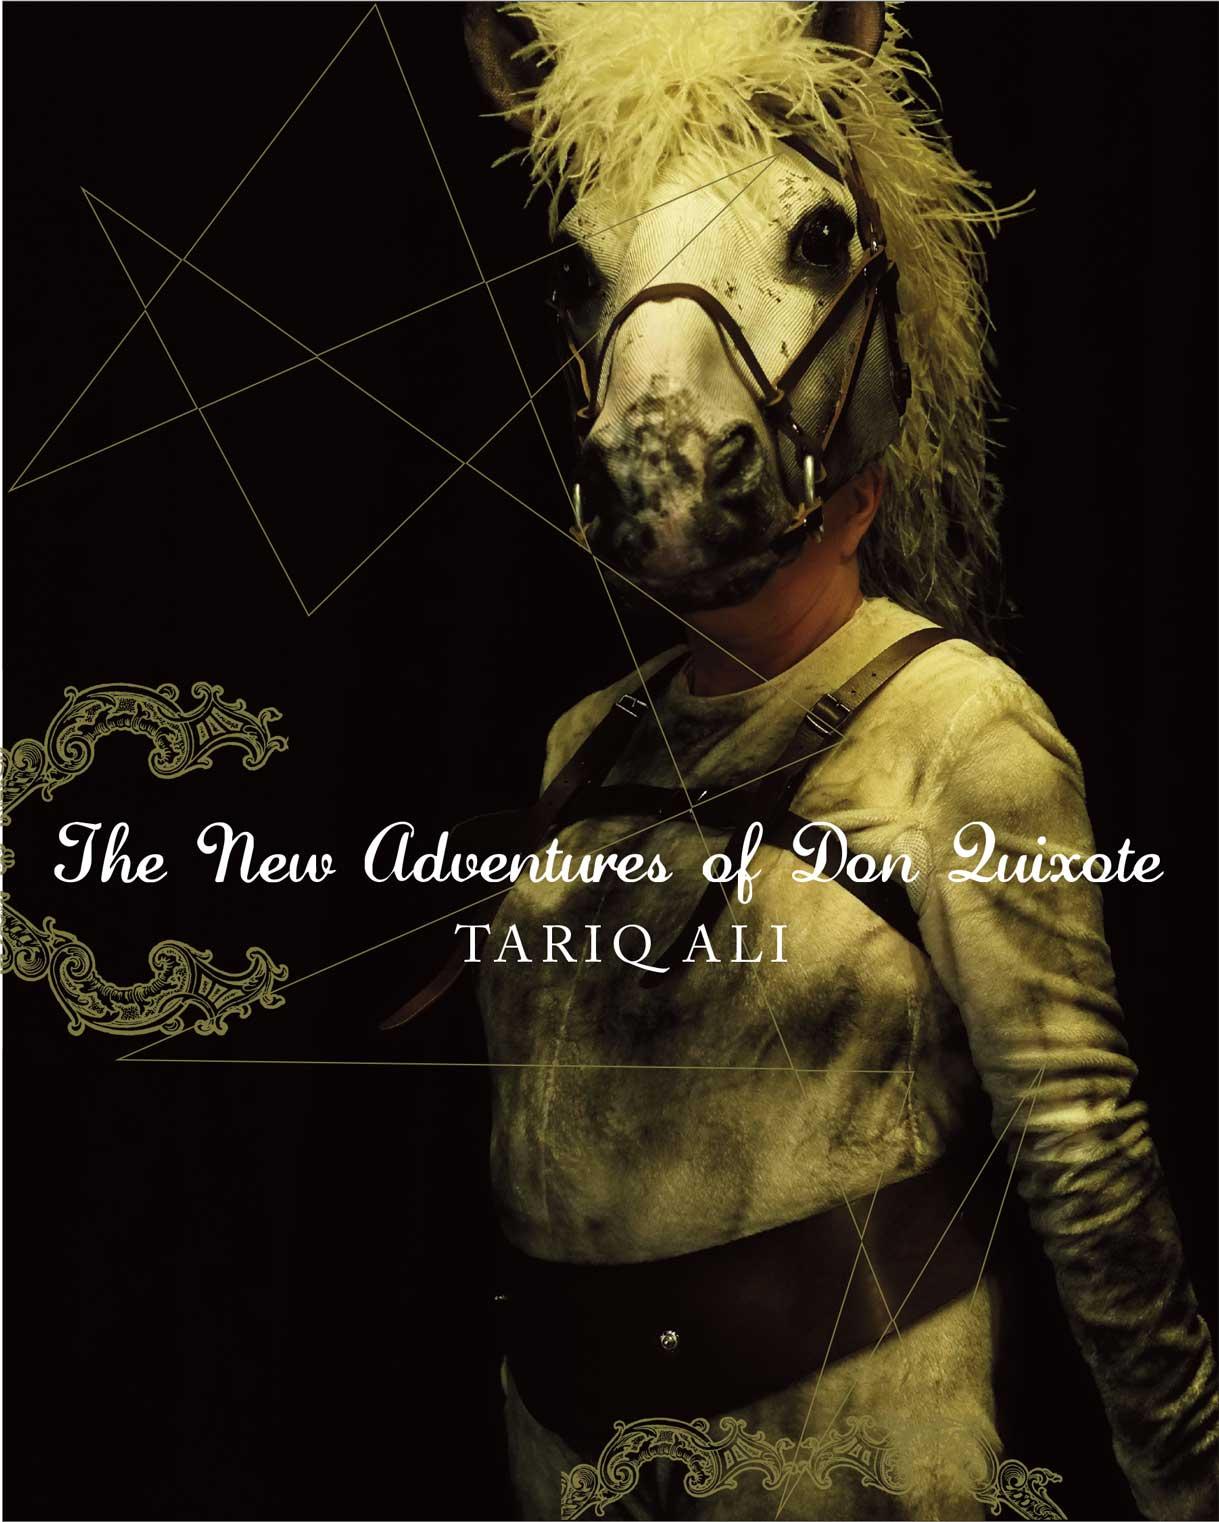 The New Adventures of Don Quixote by Tariq Ali | Seagull Books